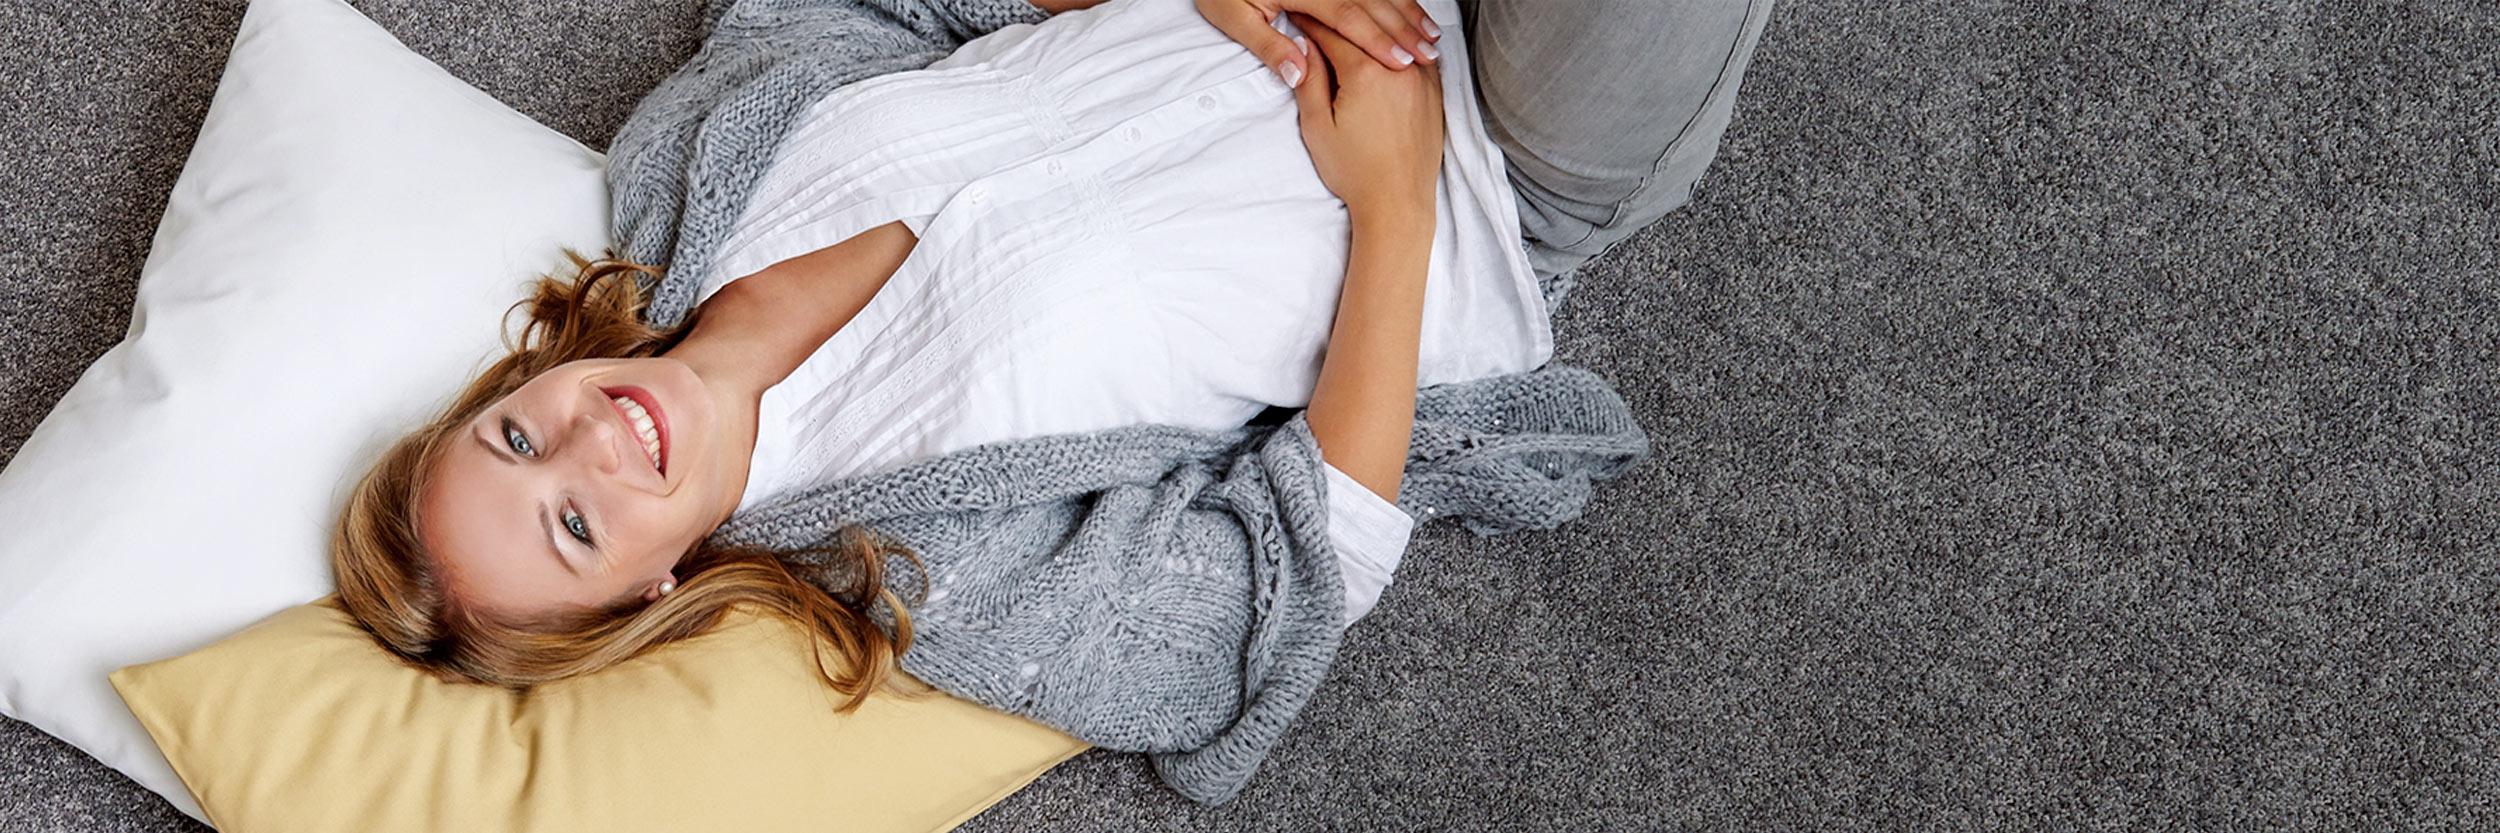 Frau liegt auf zwei Kissen